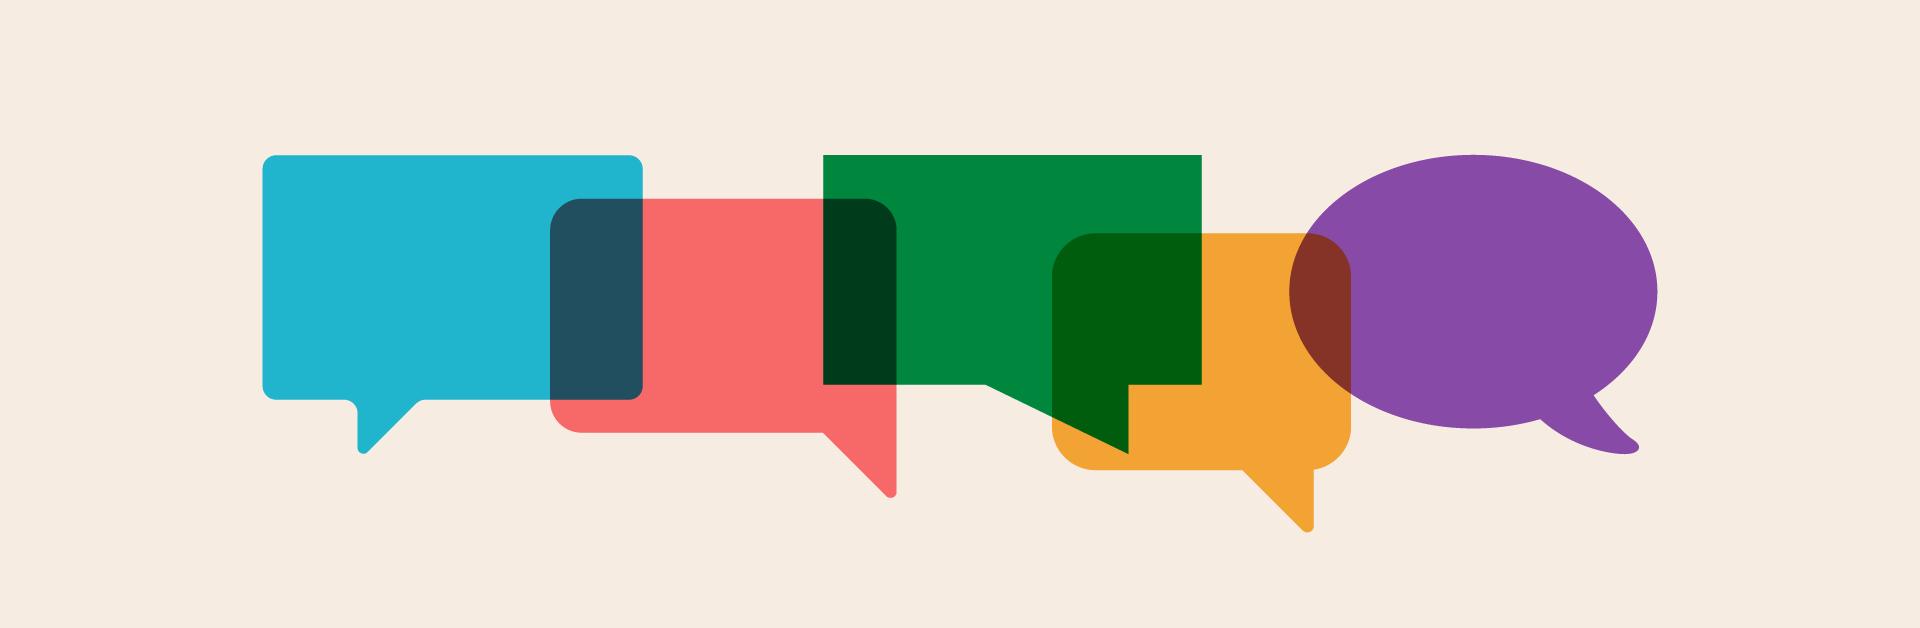 HubSpot Conversations Team